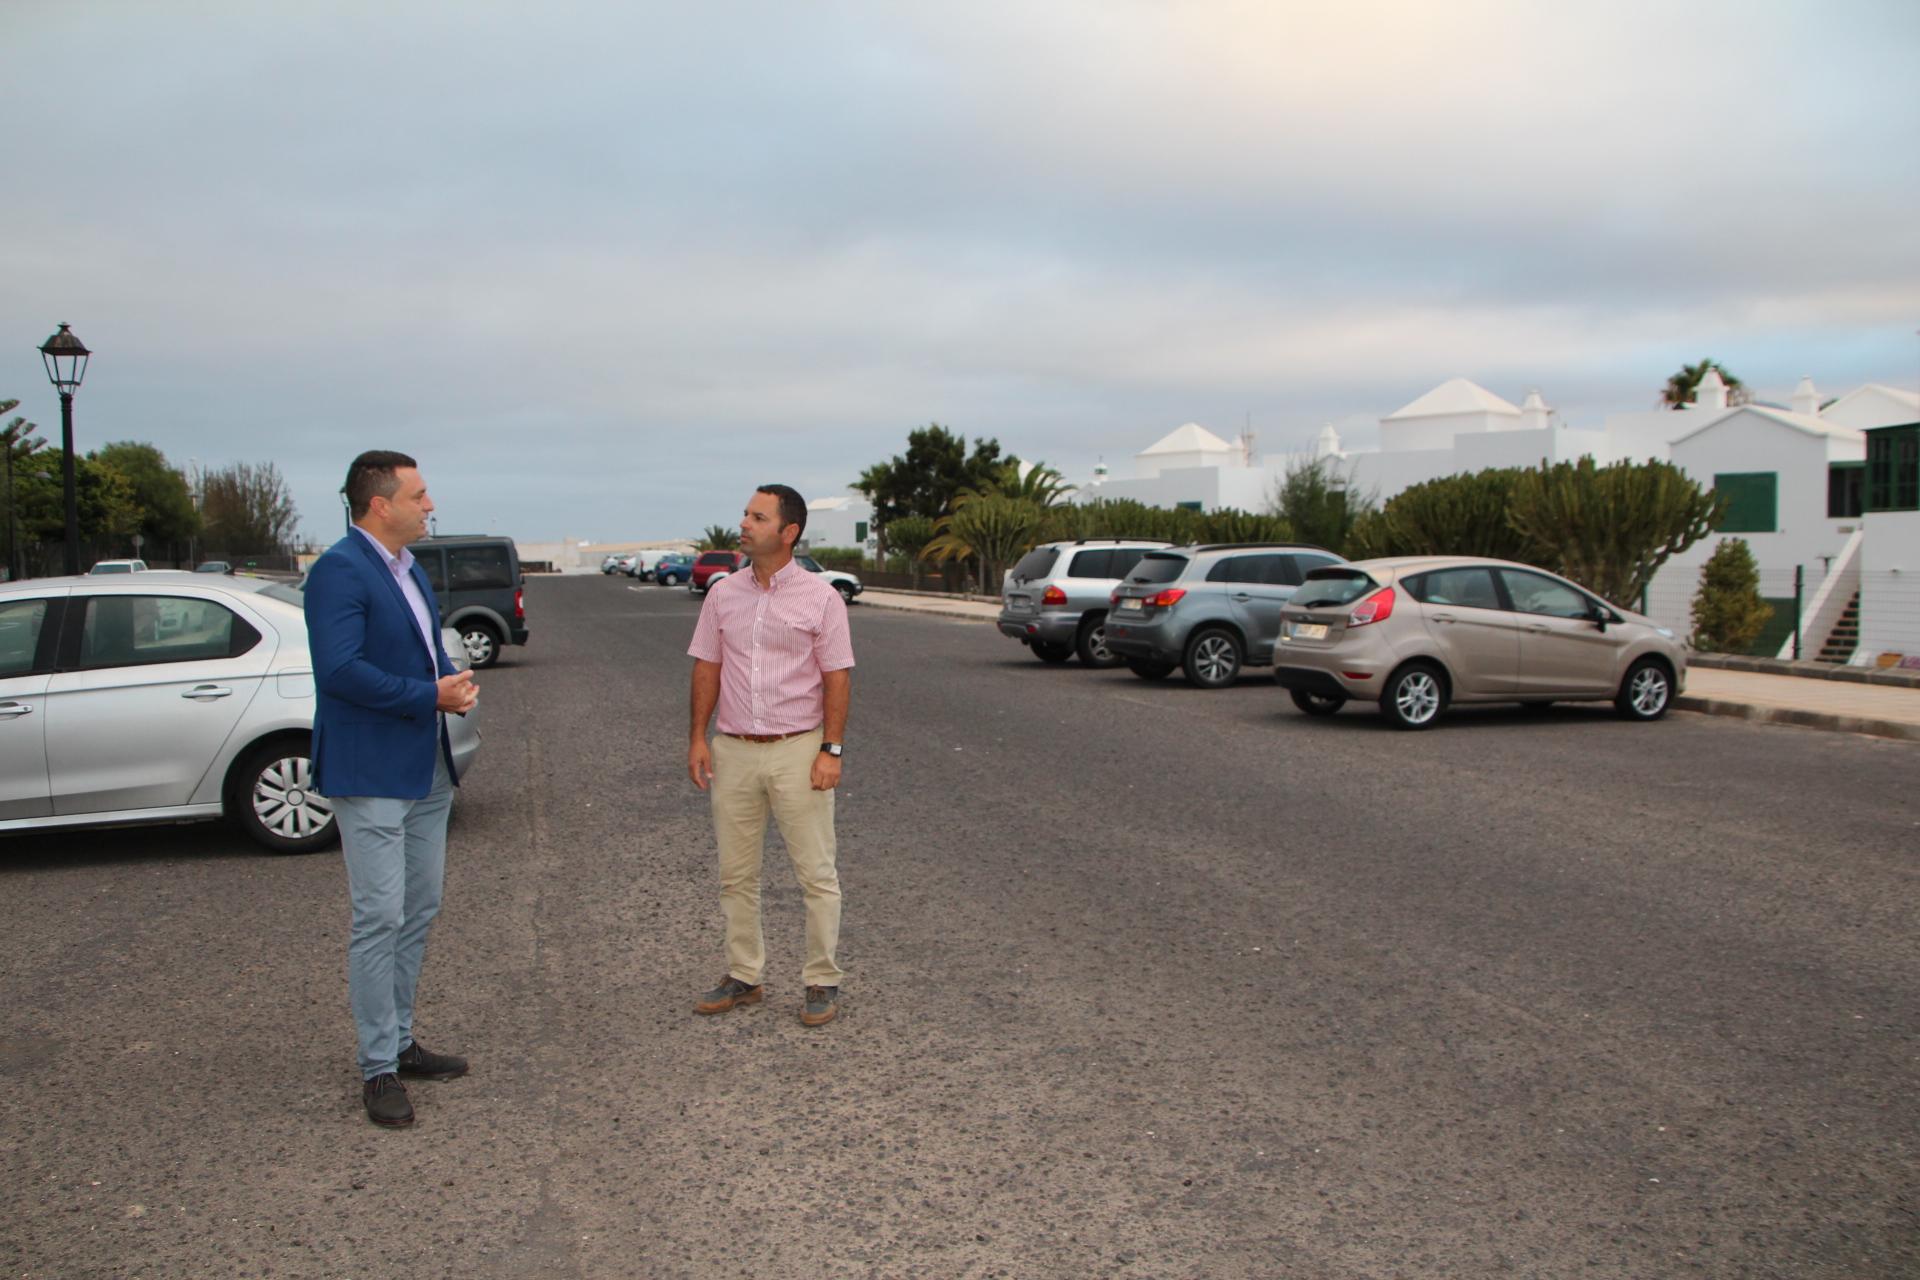 Óscar Noda firma el contrato de 1 millón de euros para asfaltar 17 calles en Playa Blanca